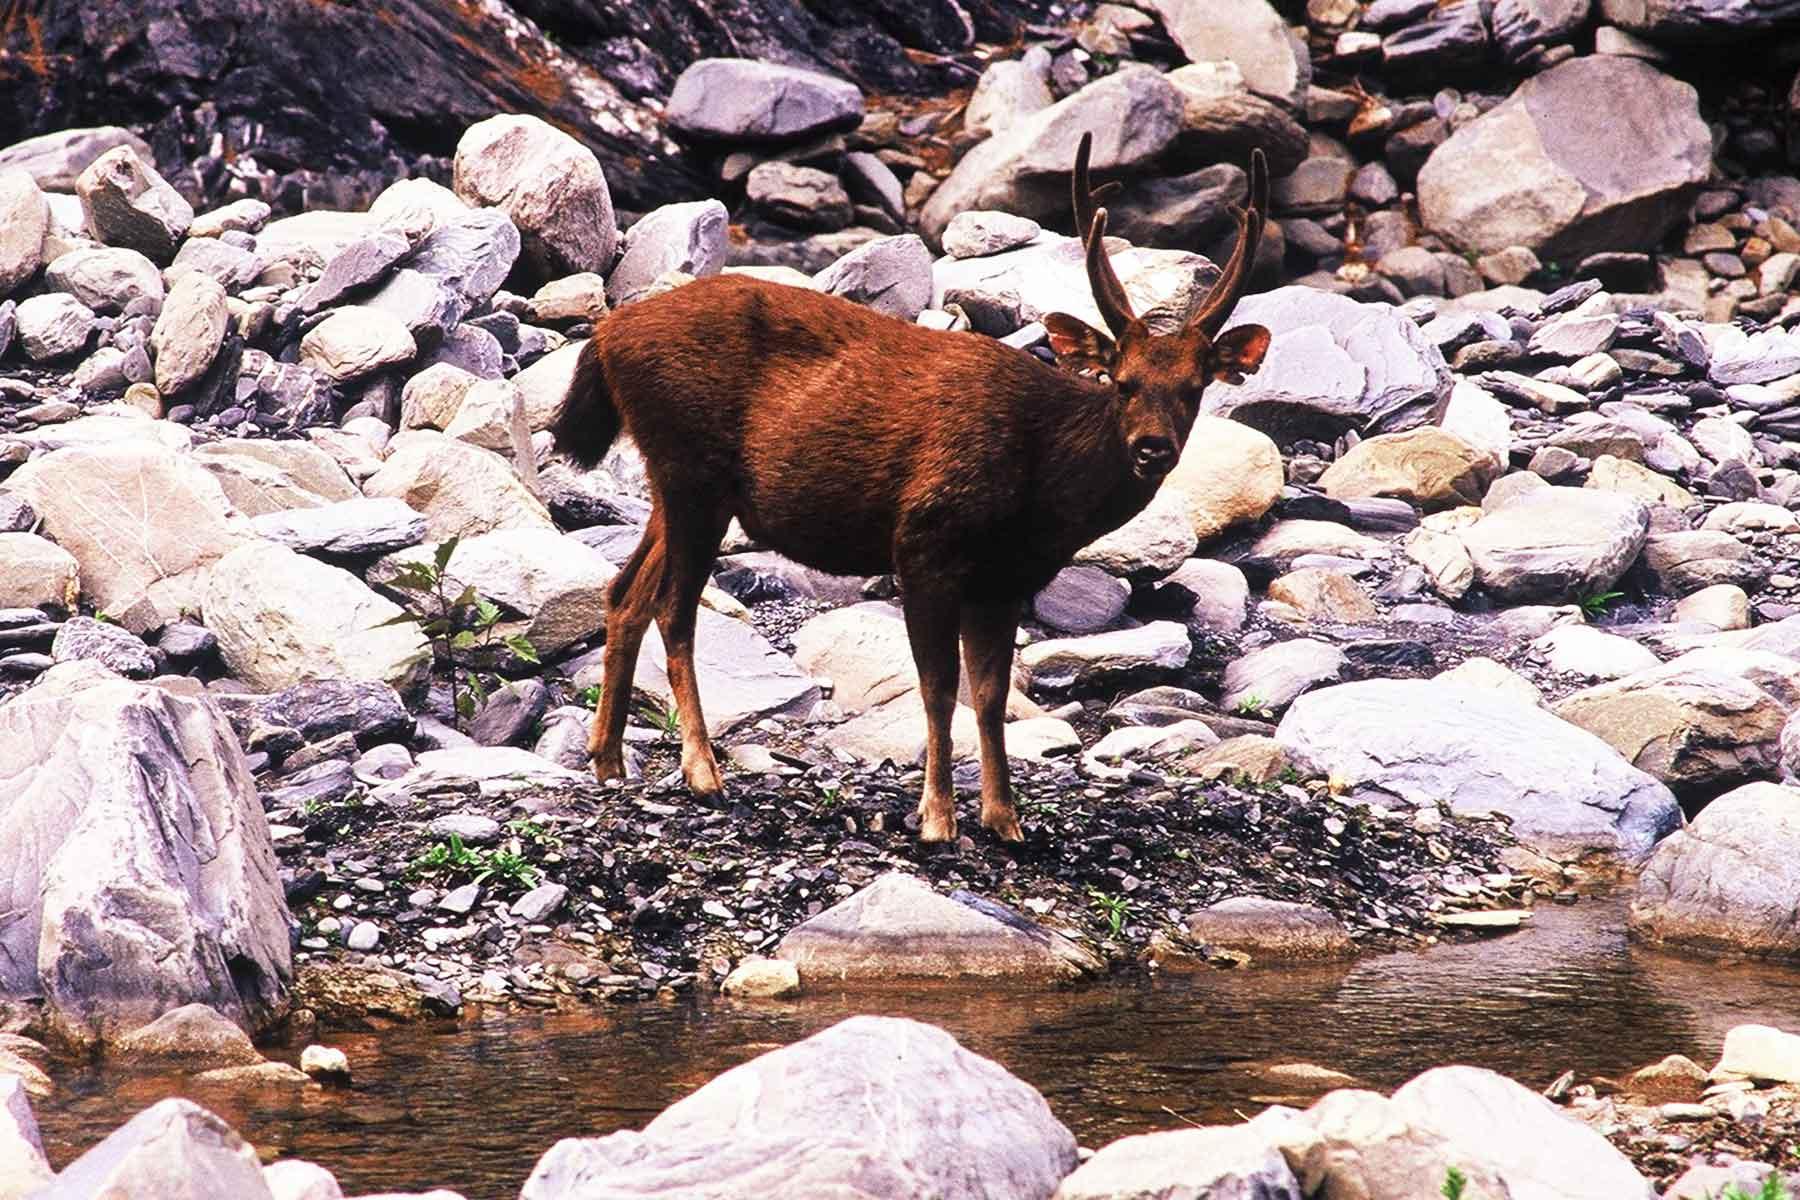 Bunun Hunting Taiwan Deer at 內本鹿 Laipunuk Photo Journal - Steven Andrew Martin - Taiwan Studies